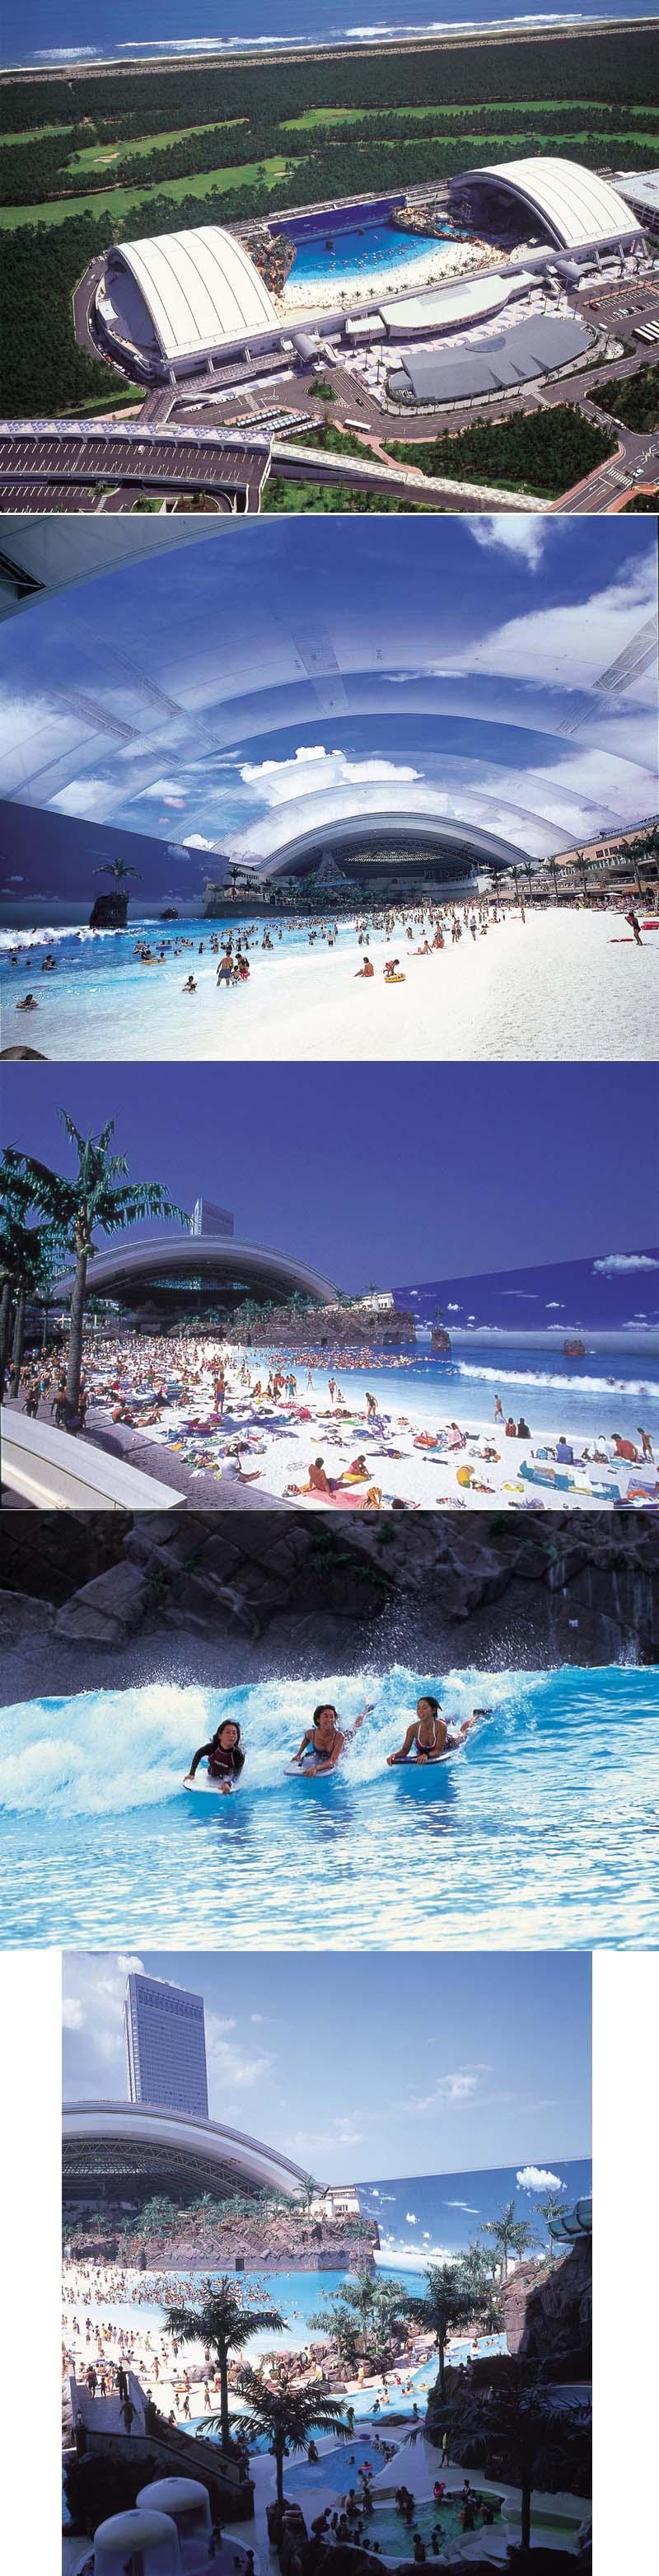 세계에서 가장 큰 수영장은 어디???